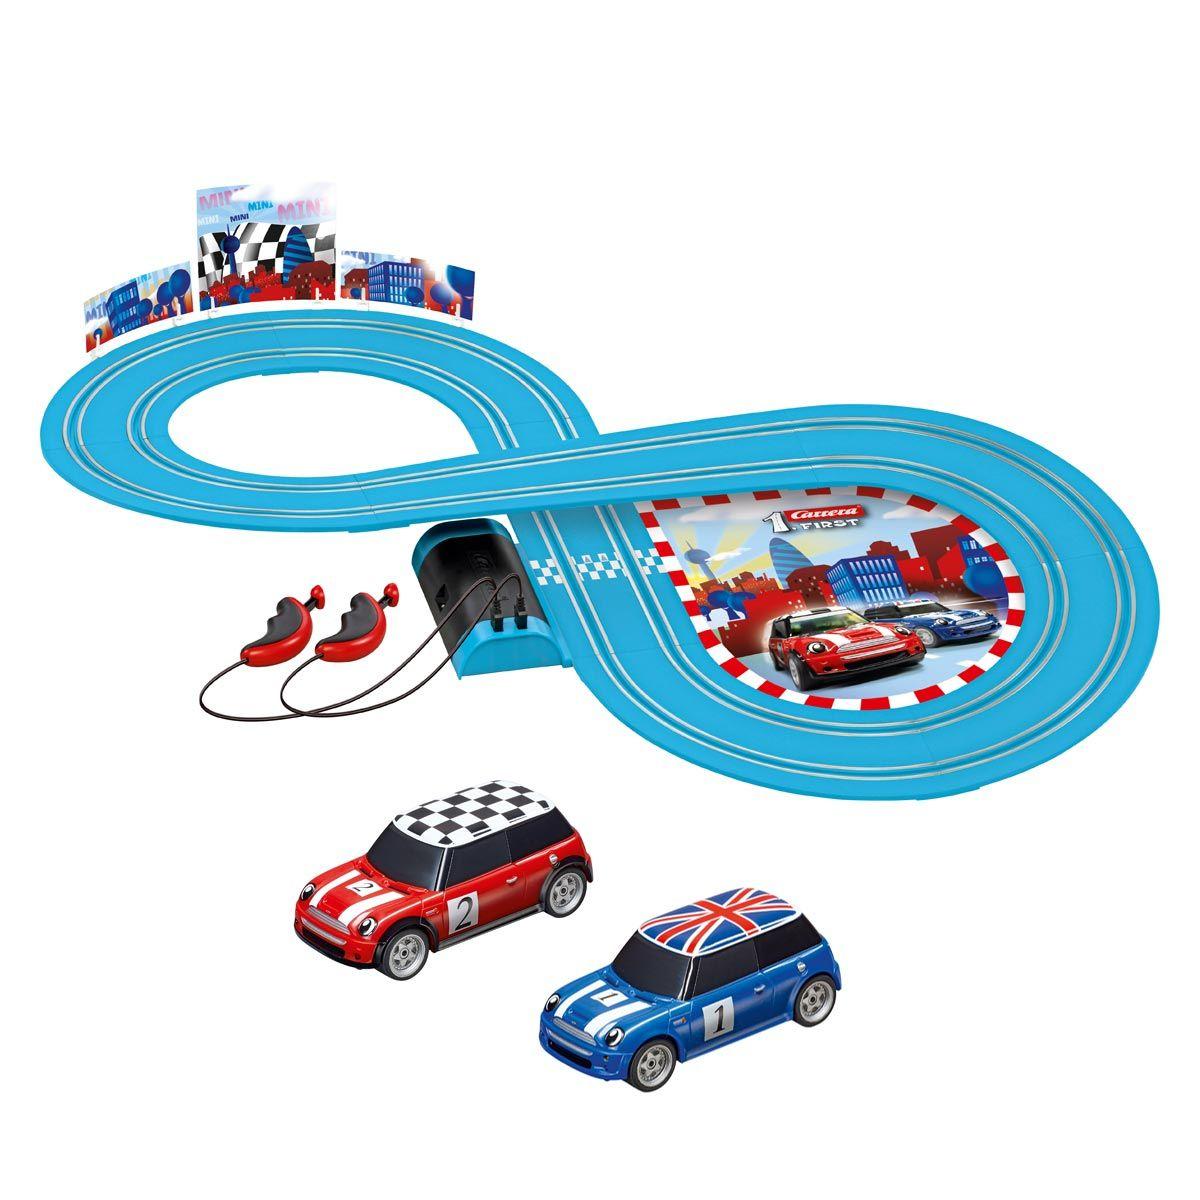 Circuit De Voiture My First Mini | Voiture, Circuit Carrera dedans Jeux De Mini Voiture